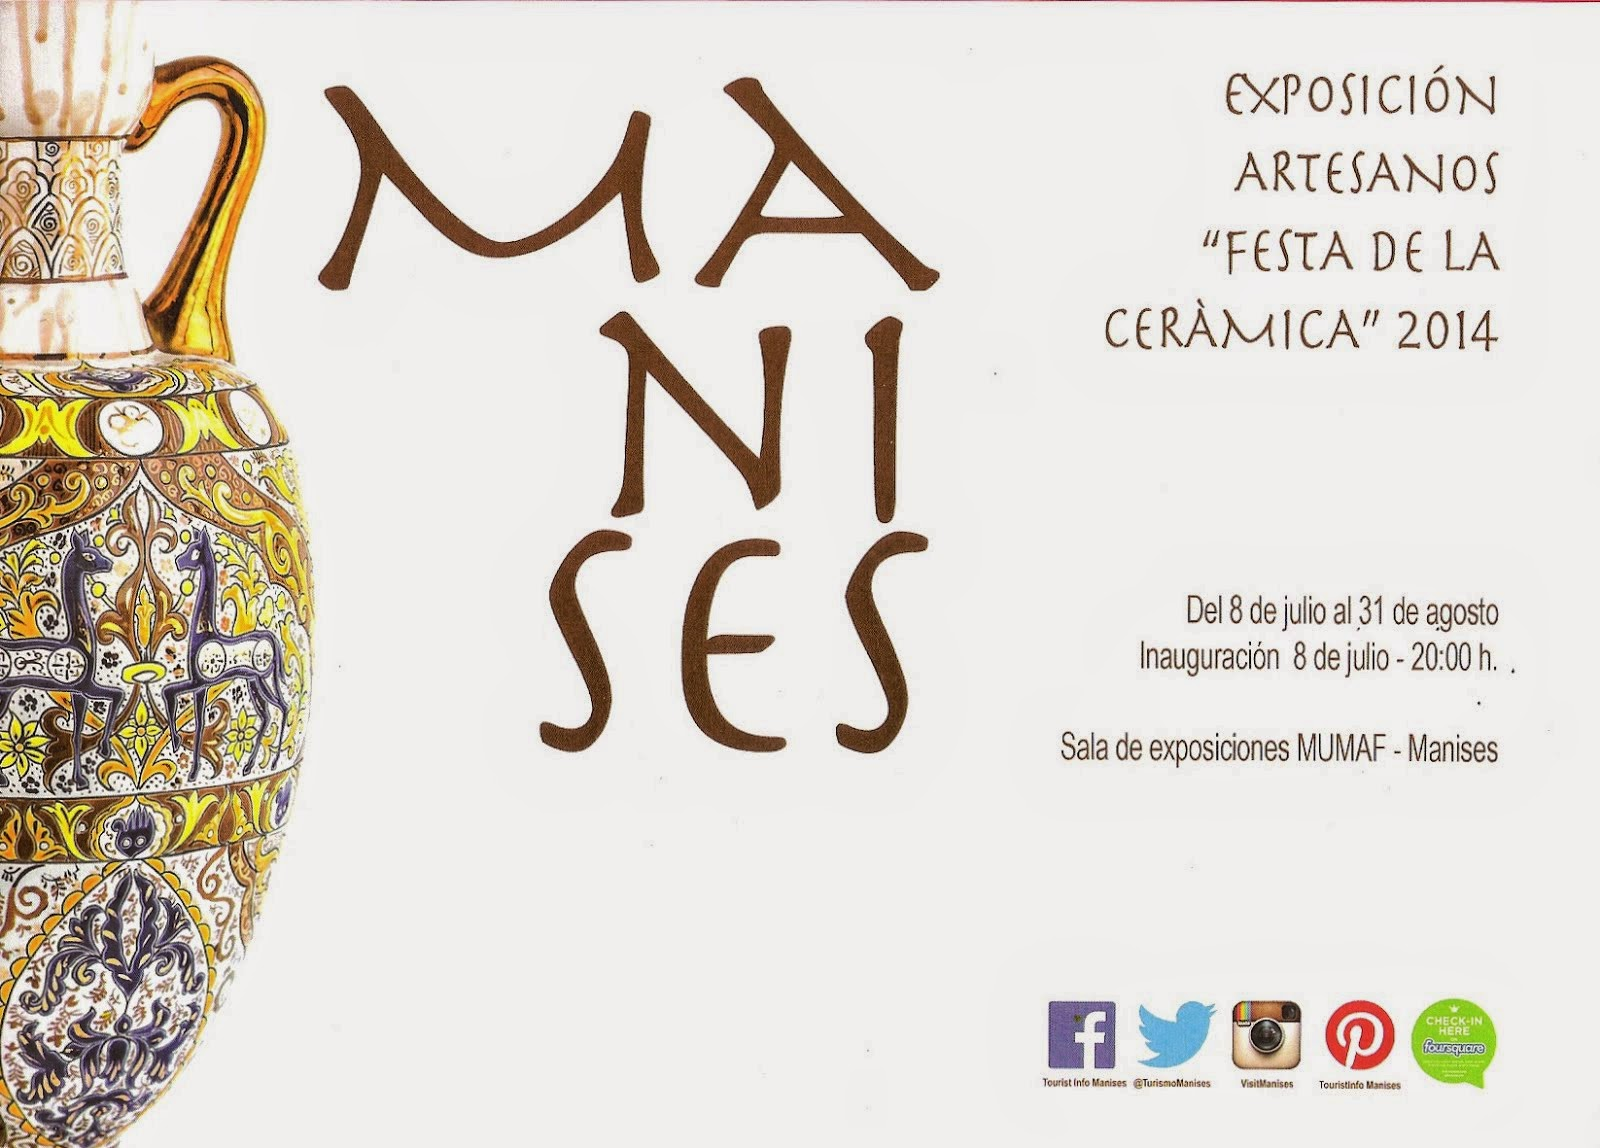 EXPOSICIÓN DE LOS ARTESANOS CERAMISTAS EN EL CENTRO CULTURAL EL ARTE DE MANISES